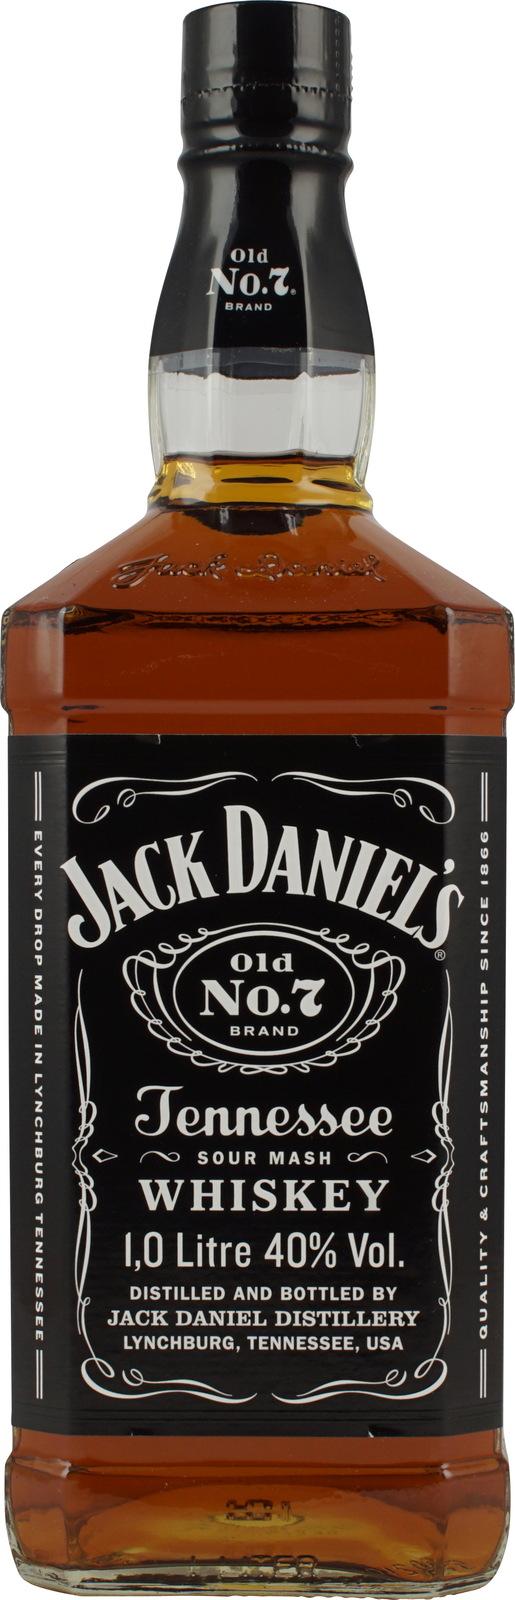 Jack Whiskey Daniels 0l 40 1 No7 Tennessee K13cJTFul